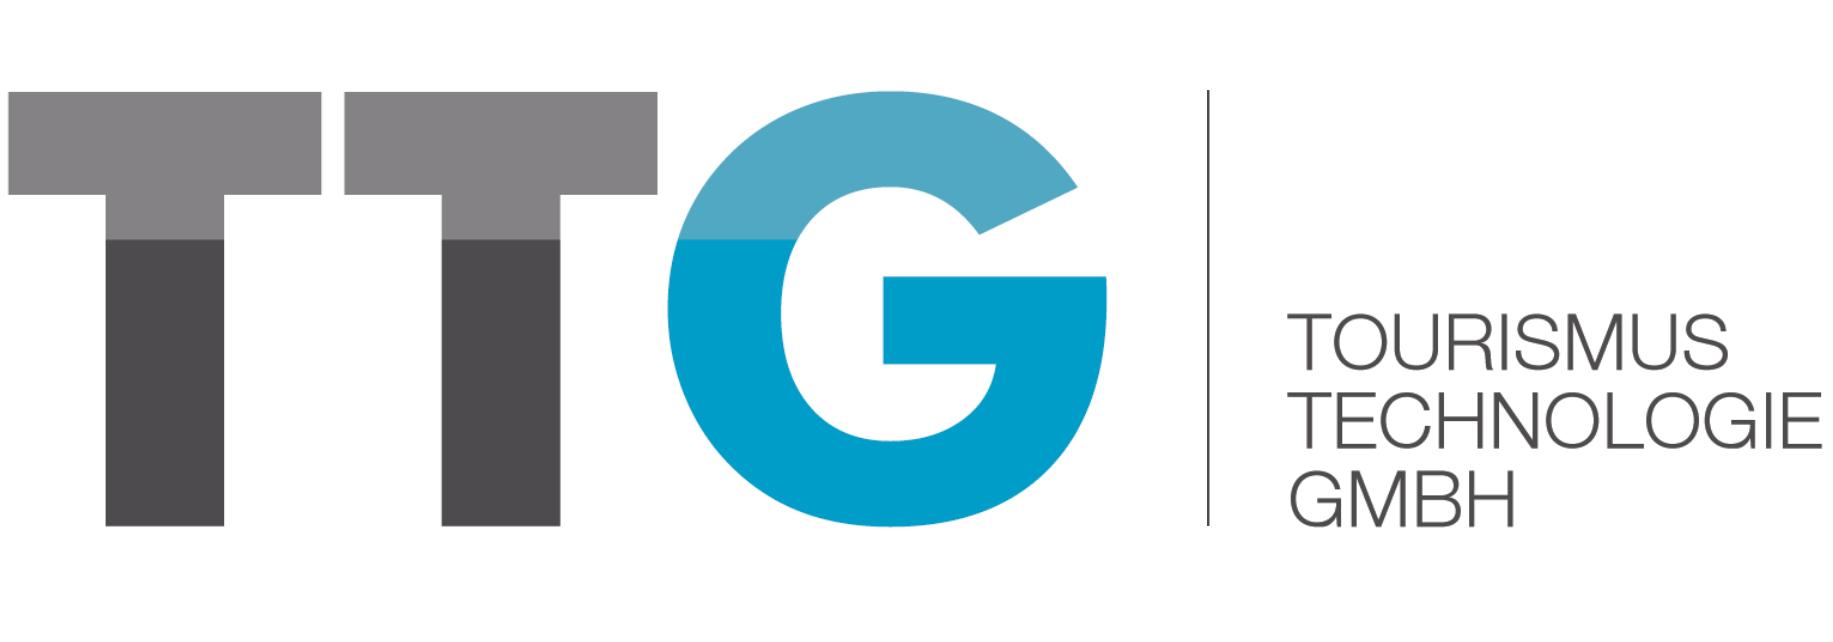 Logo der TTG Tourismus Technologie GmbH